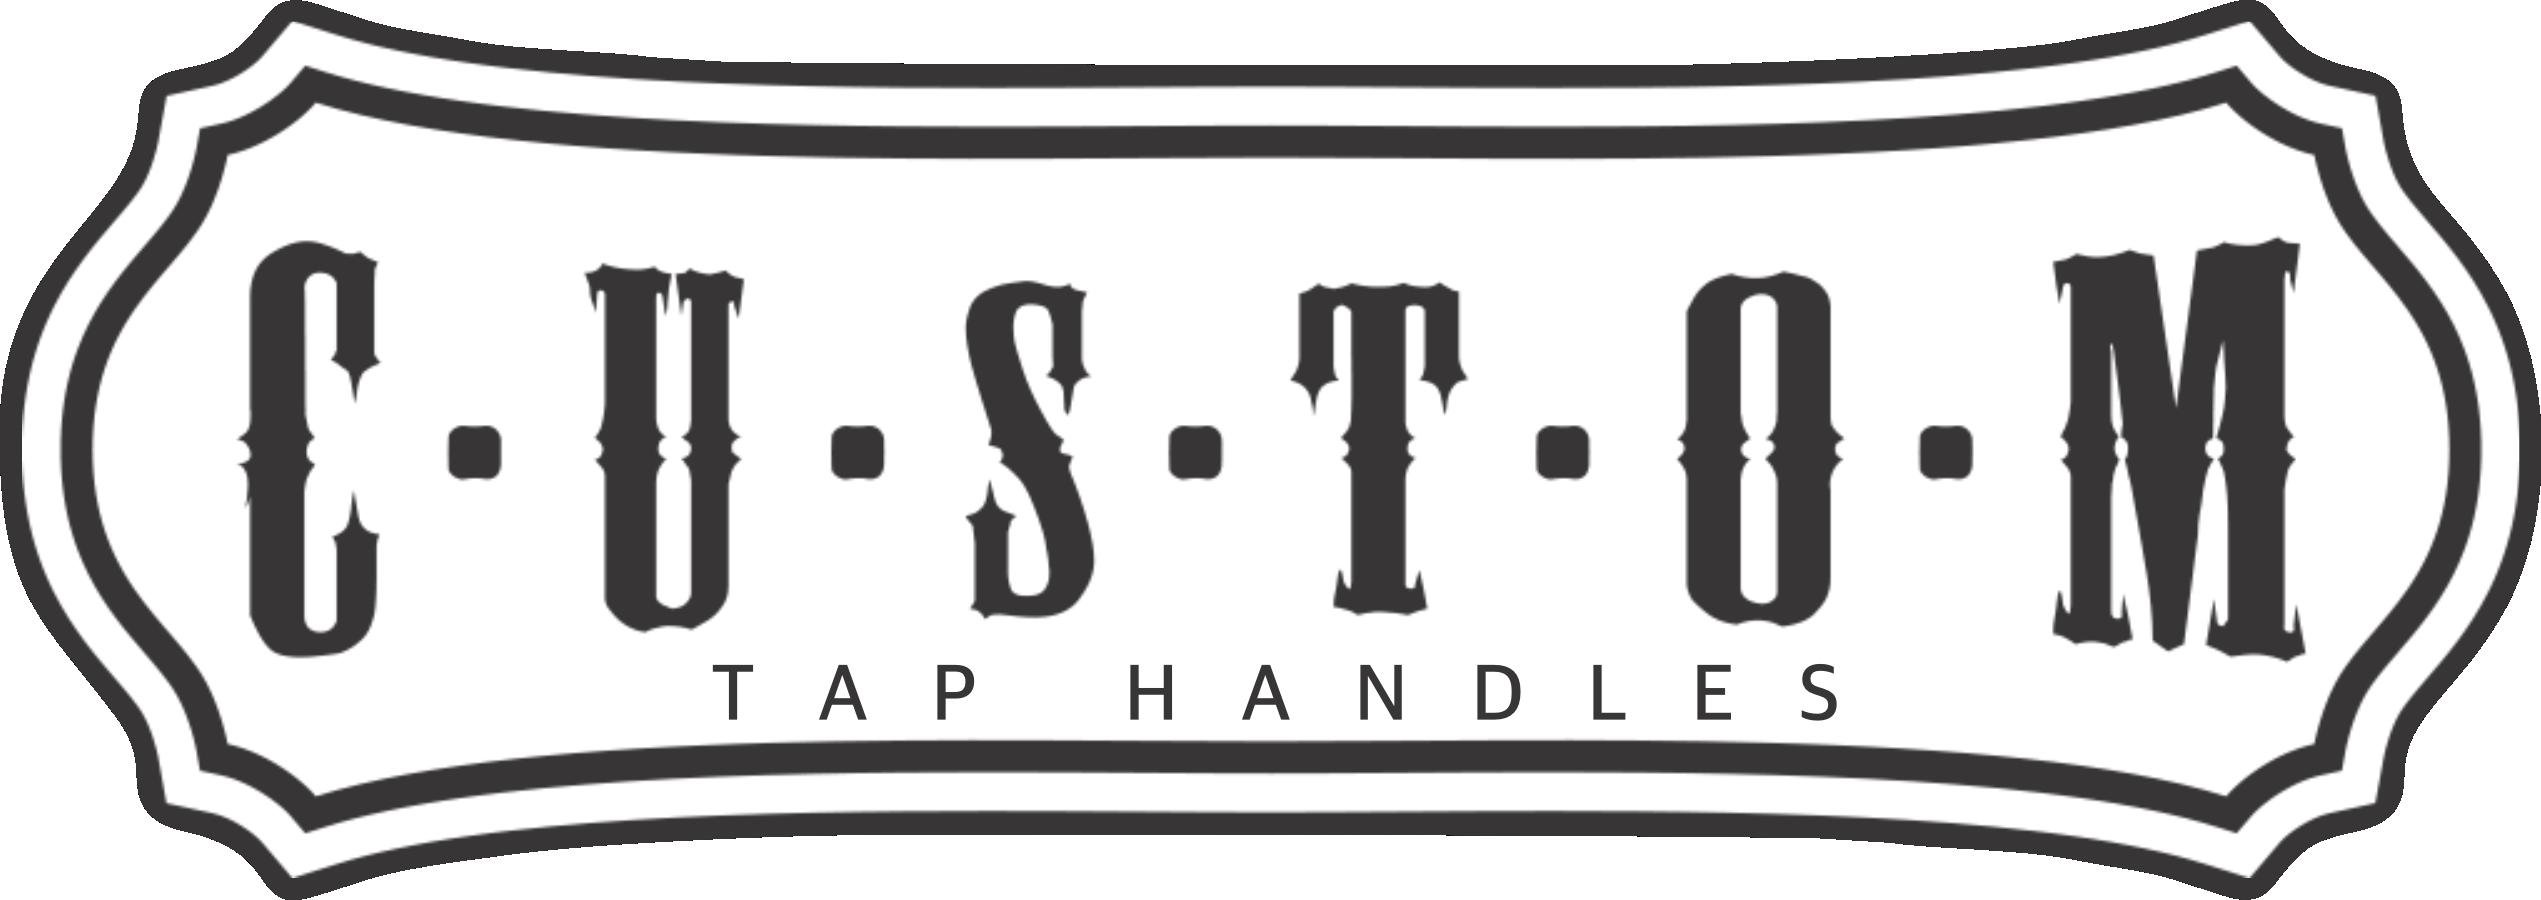 custom-tap-handles-logo.png